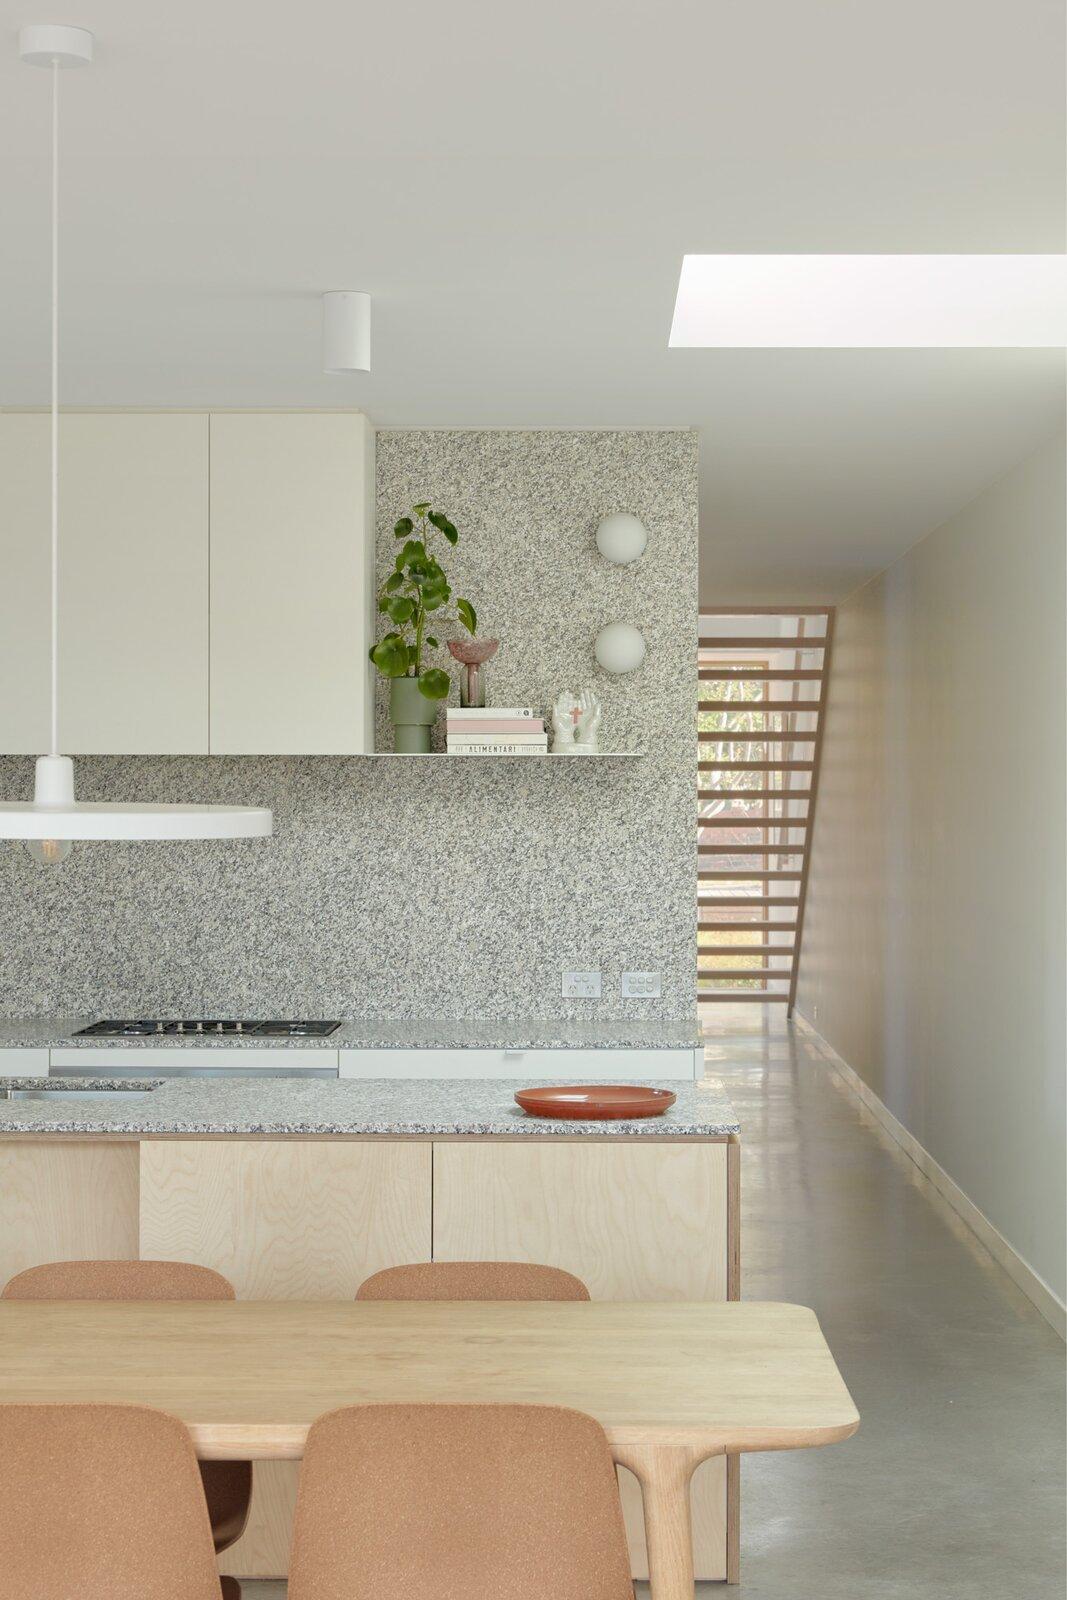 Thornbury Townhouses kitchen